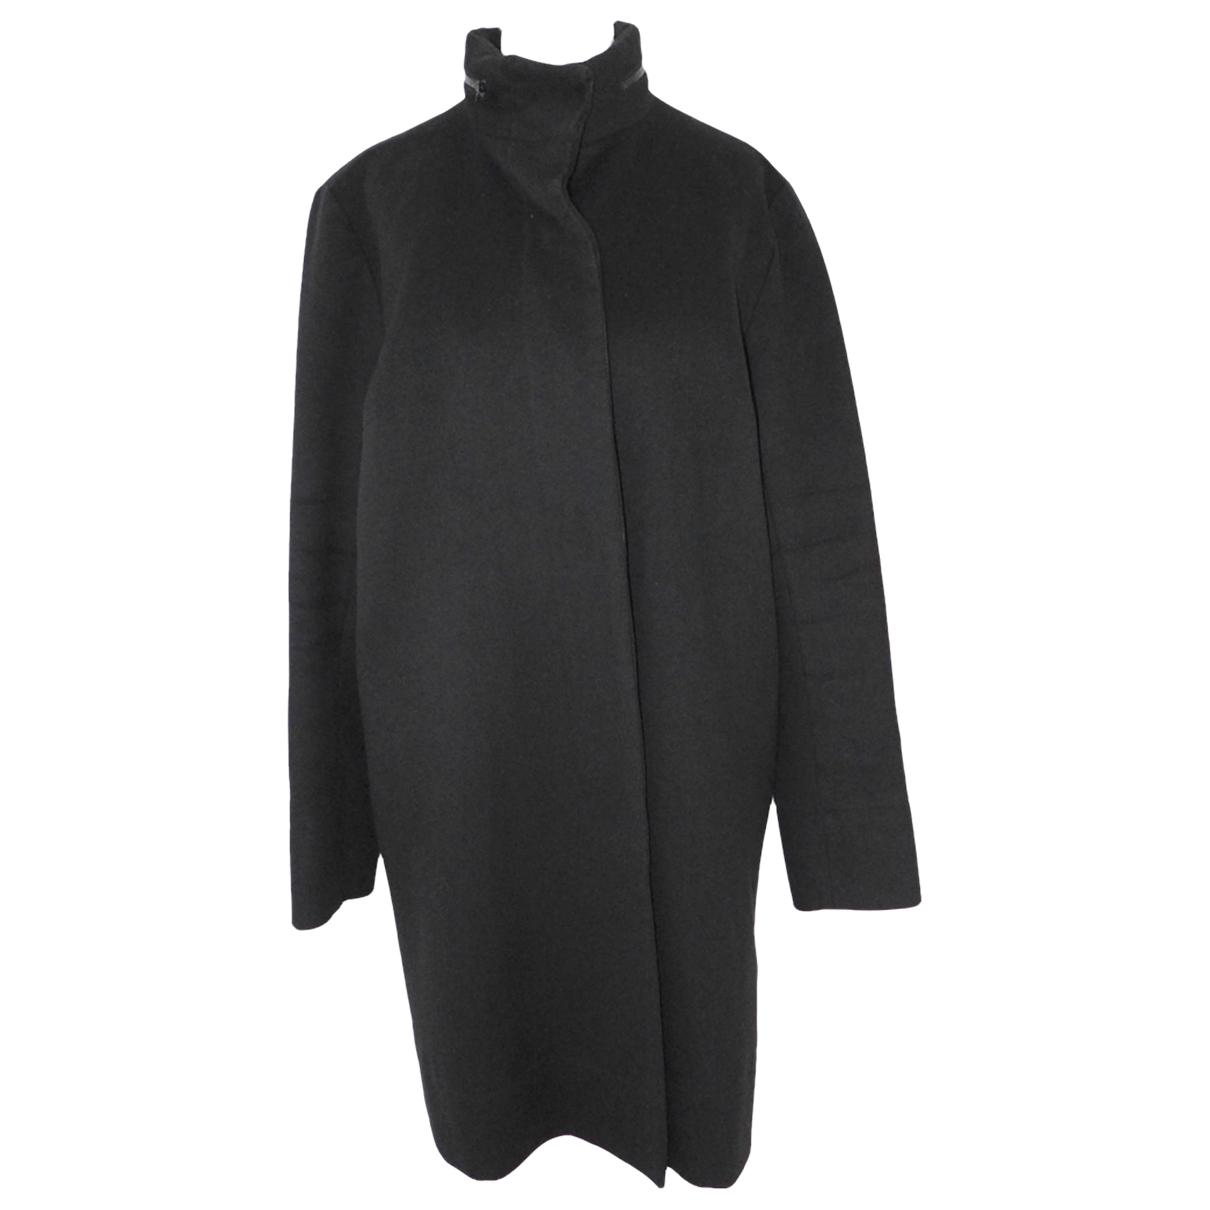 Joseph - Manteau   pour femme en laine - noir